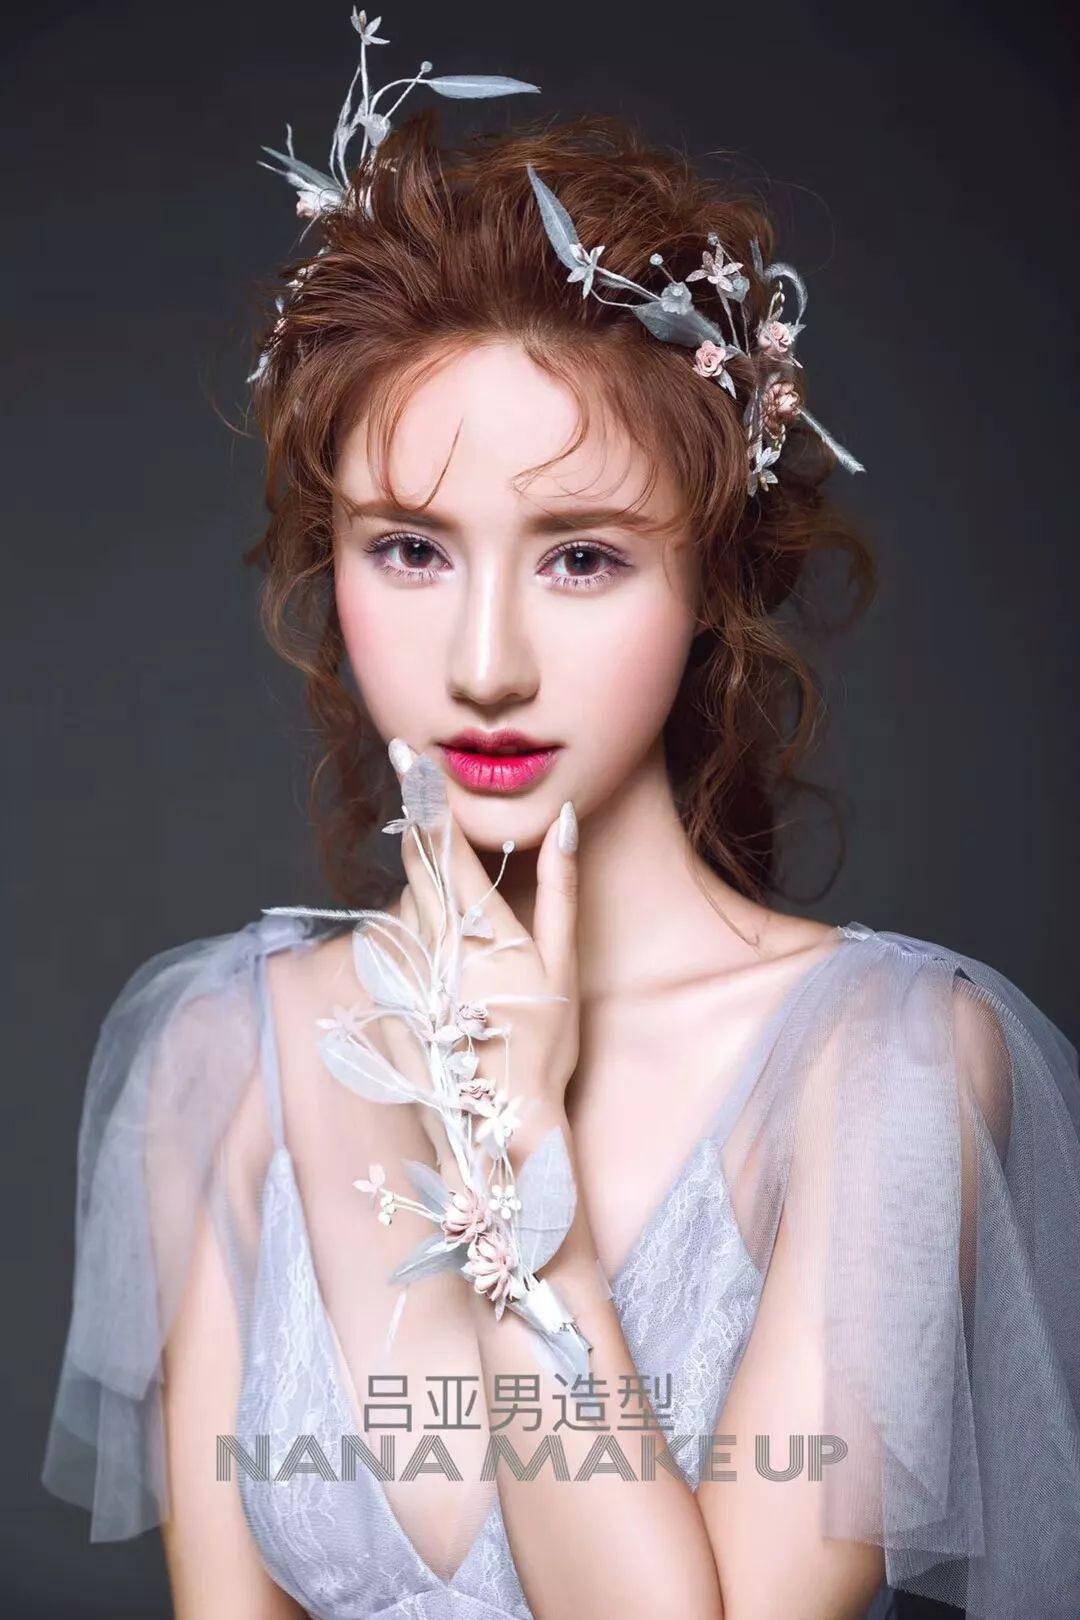 网课| 时尚多变新娘造型微课堂(妆面 发型)图片